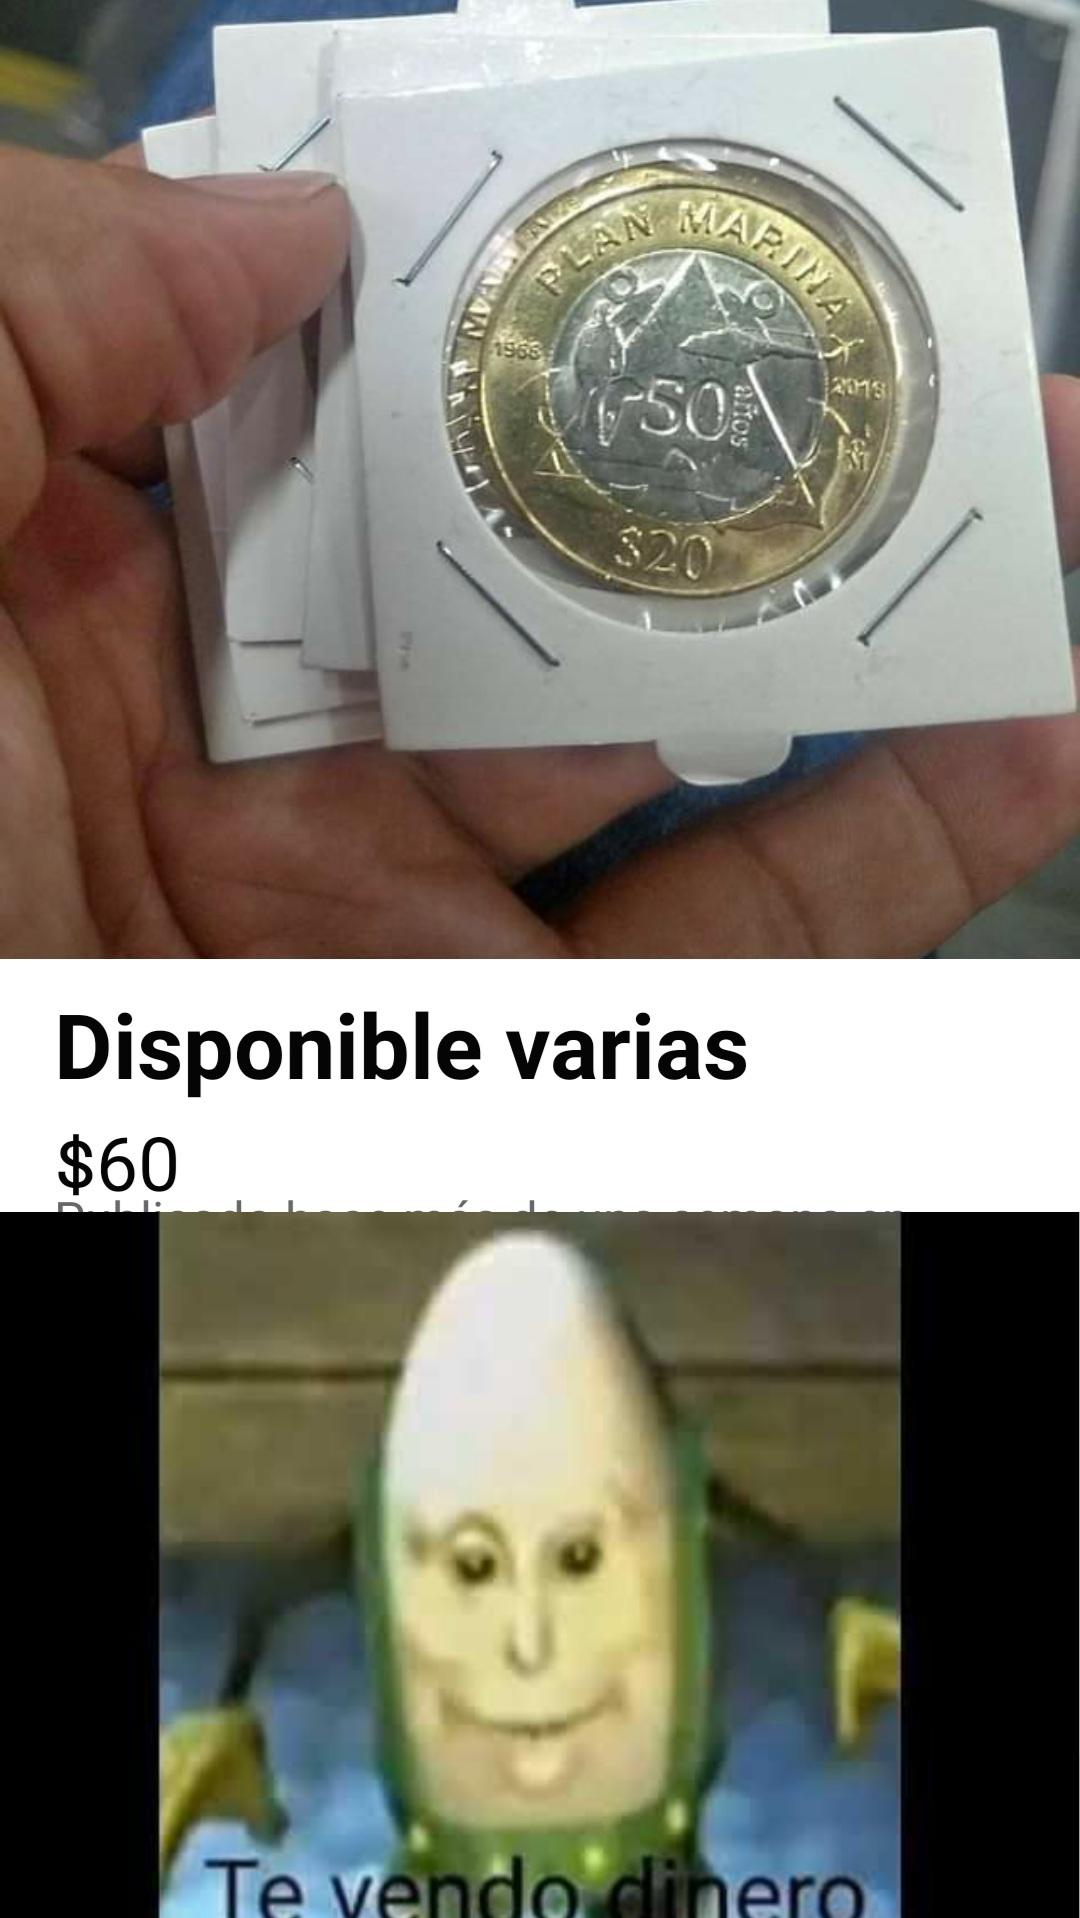 Te vendo dinero - meme